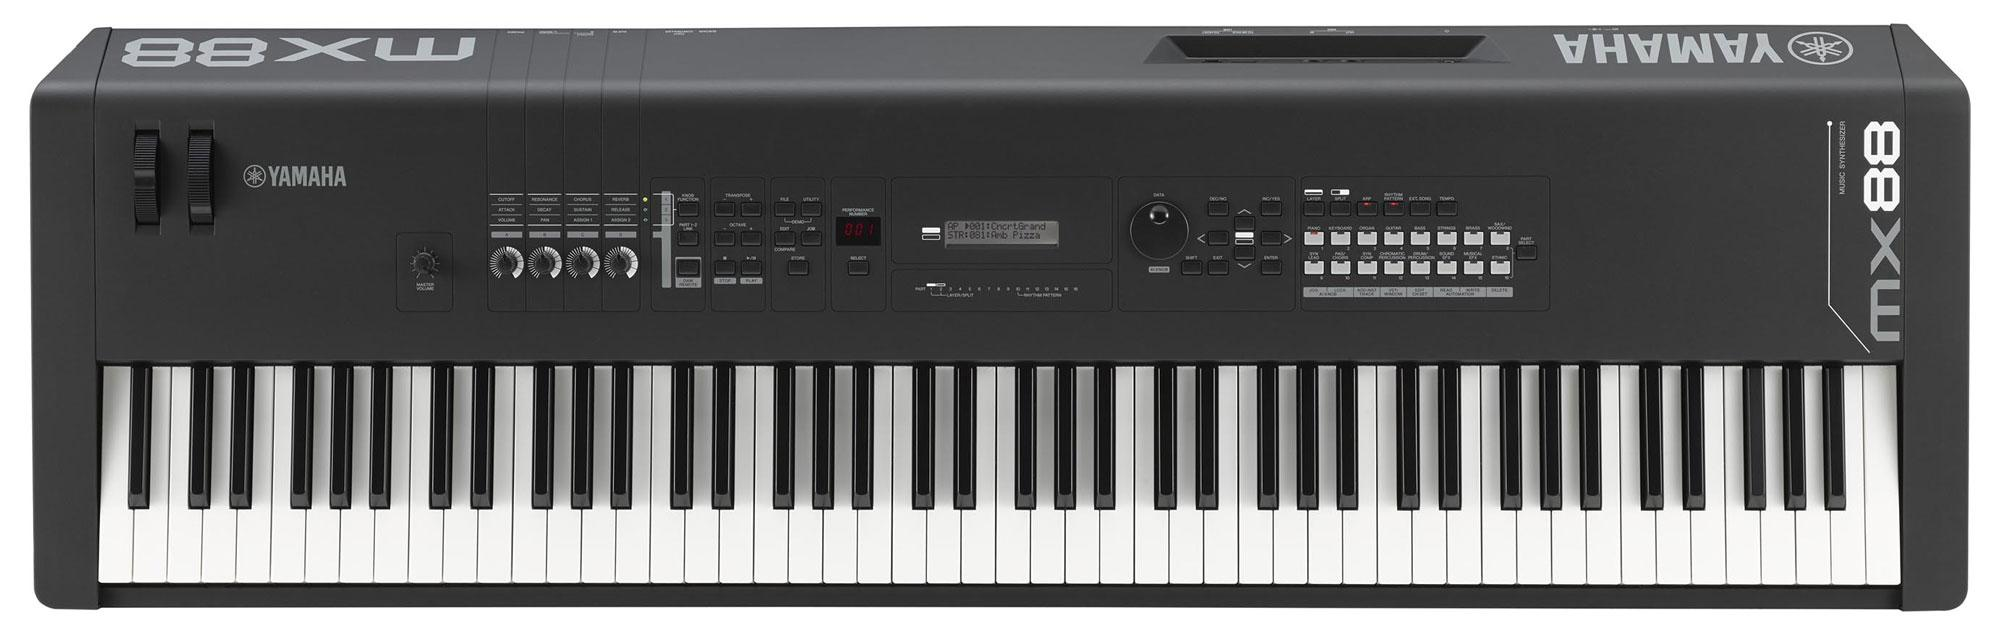 Yamaha MX88 Synthesizer schwarz